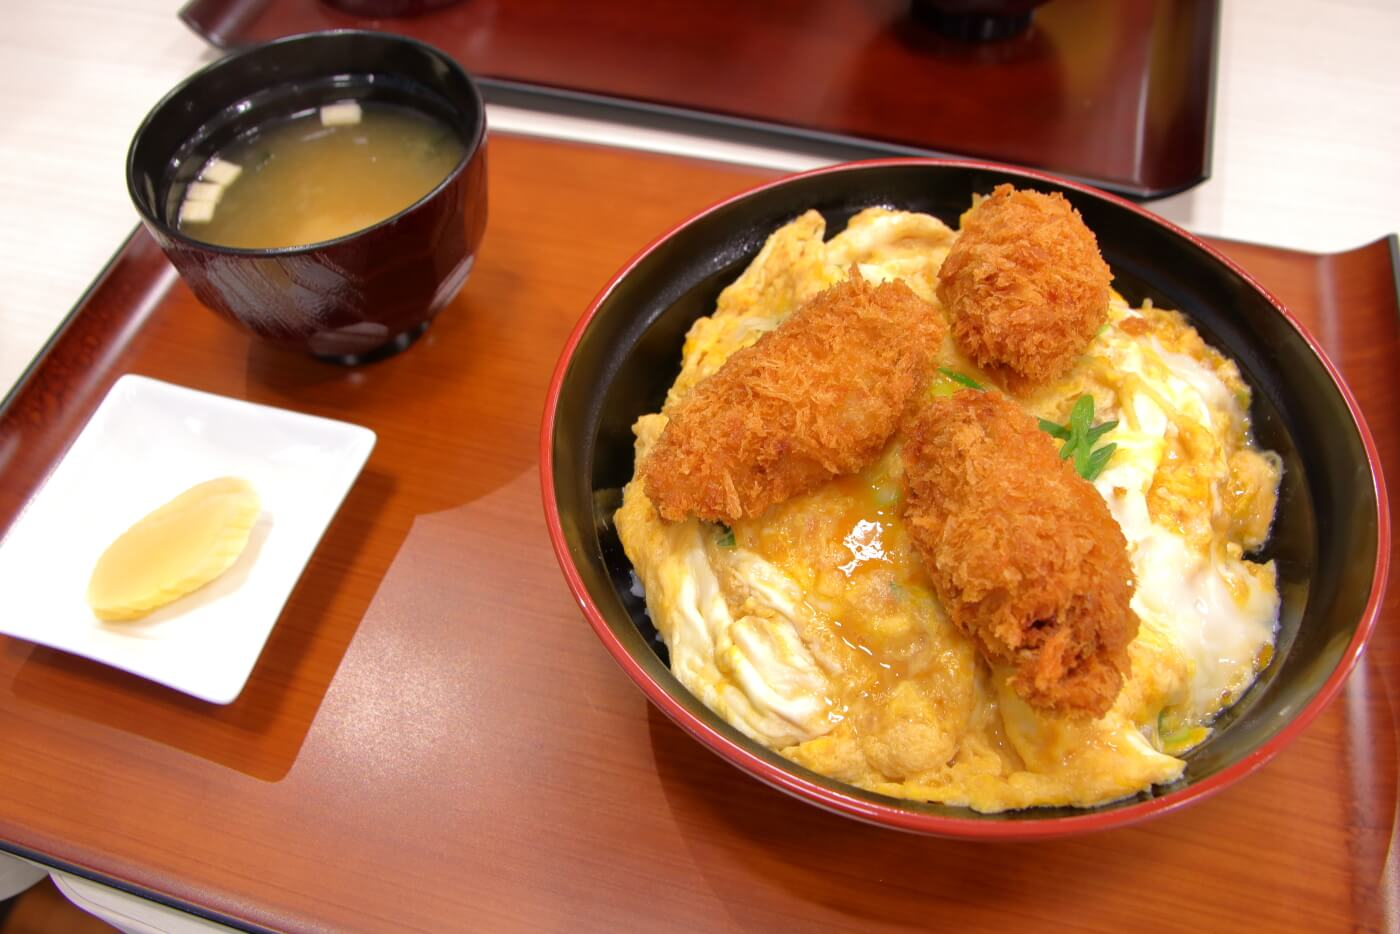 マルナカ高知インター店 フードコート 広島産カキフライ丼